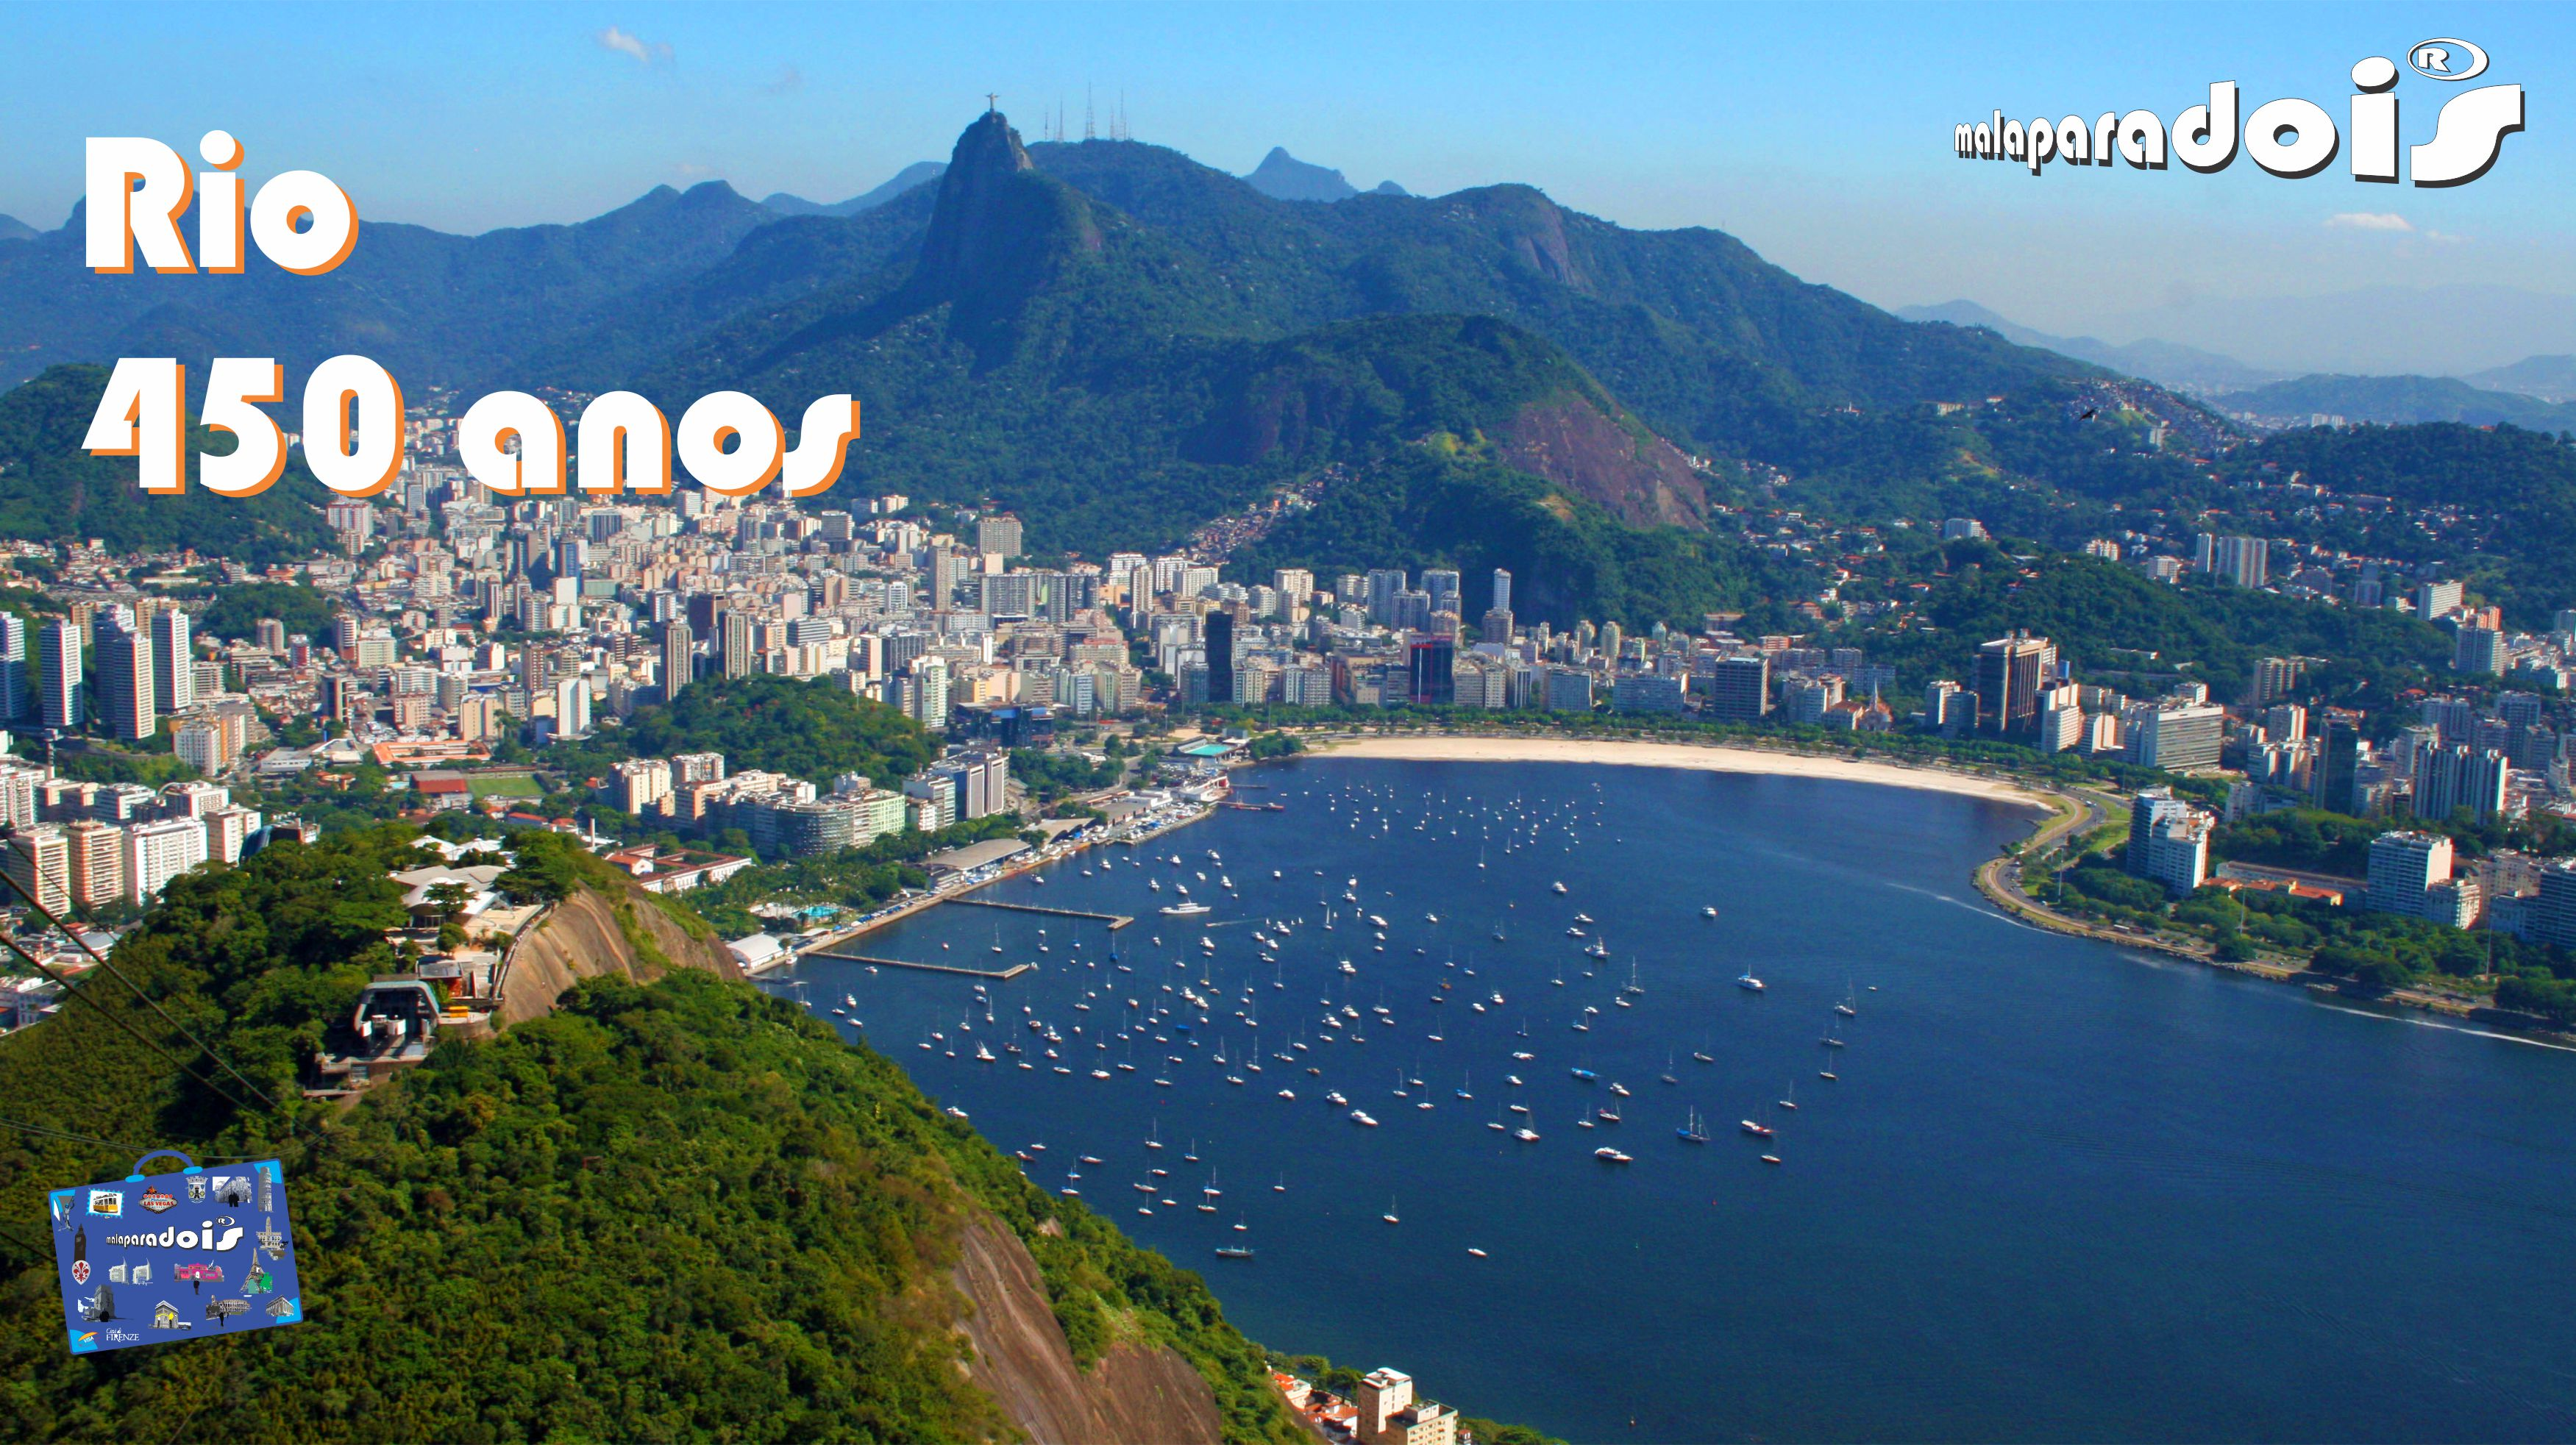 Rio450 - Enseada de Botafogo e Praia de Botafogo